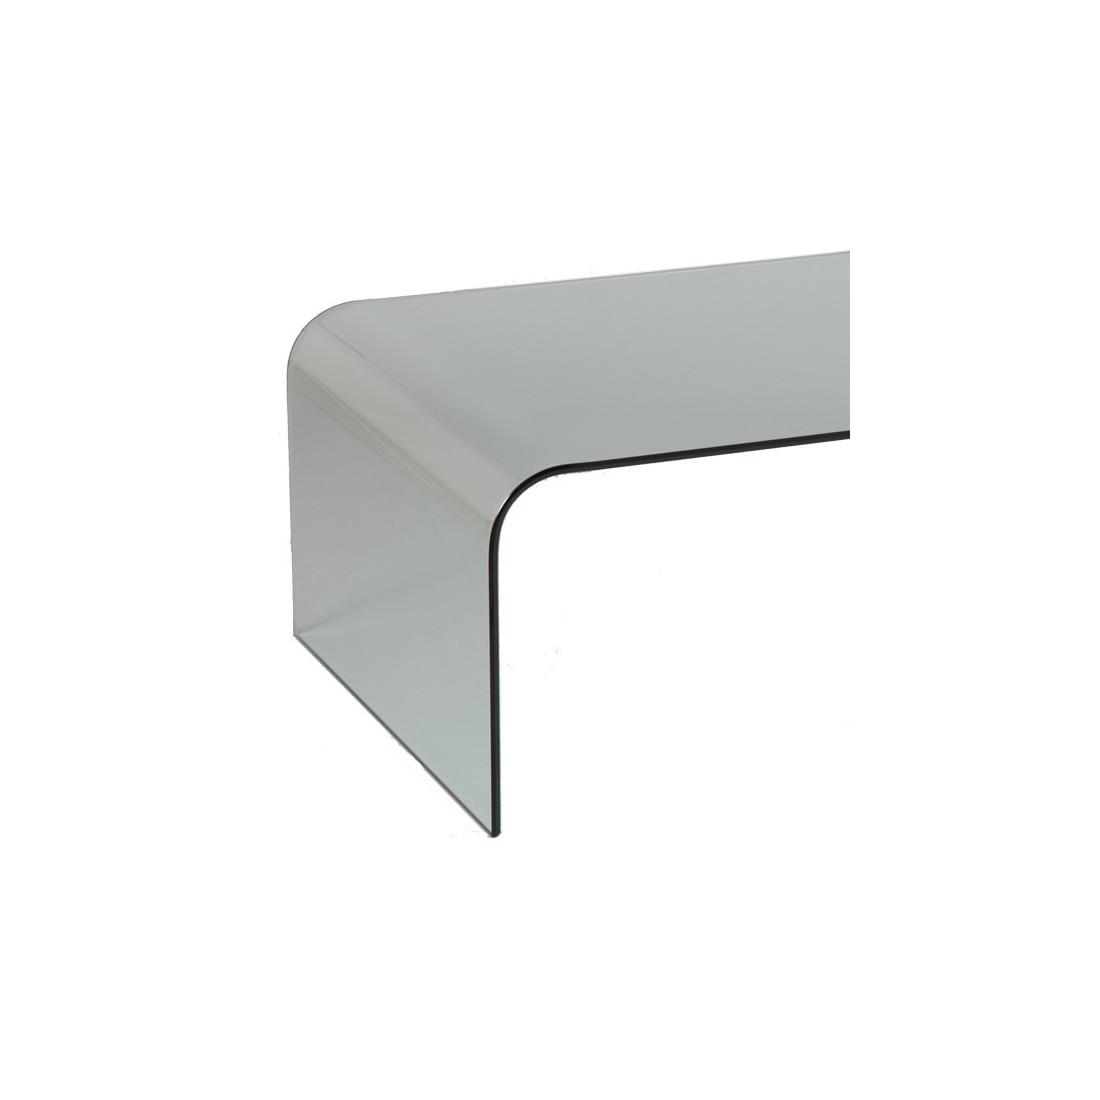 Table basse en verre kwai univers du salon tousmesmeubles - Table basse en verre but ...